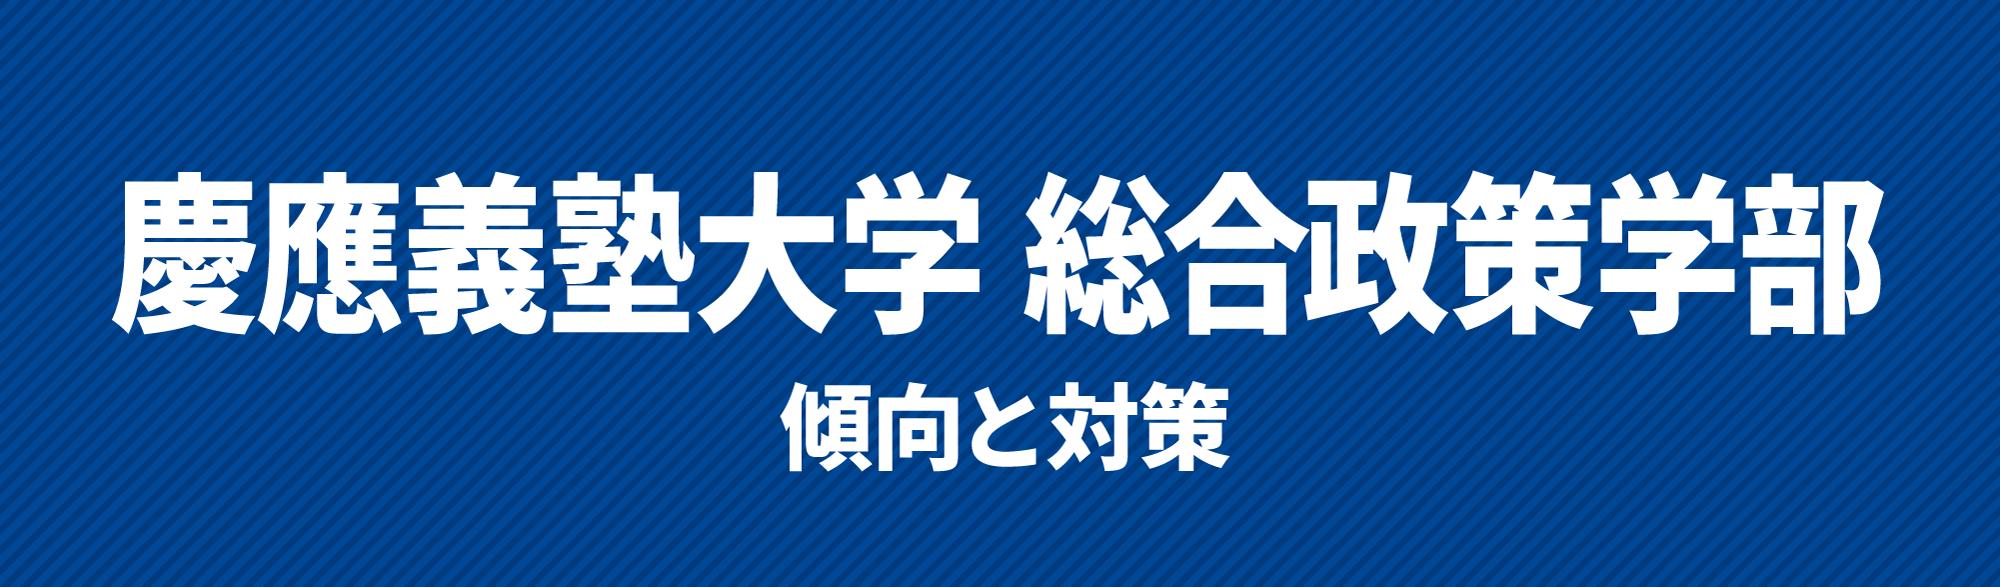 慶應義塾大学総合政策学部傾向と対策